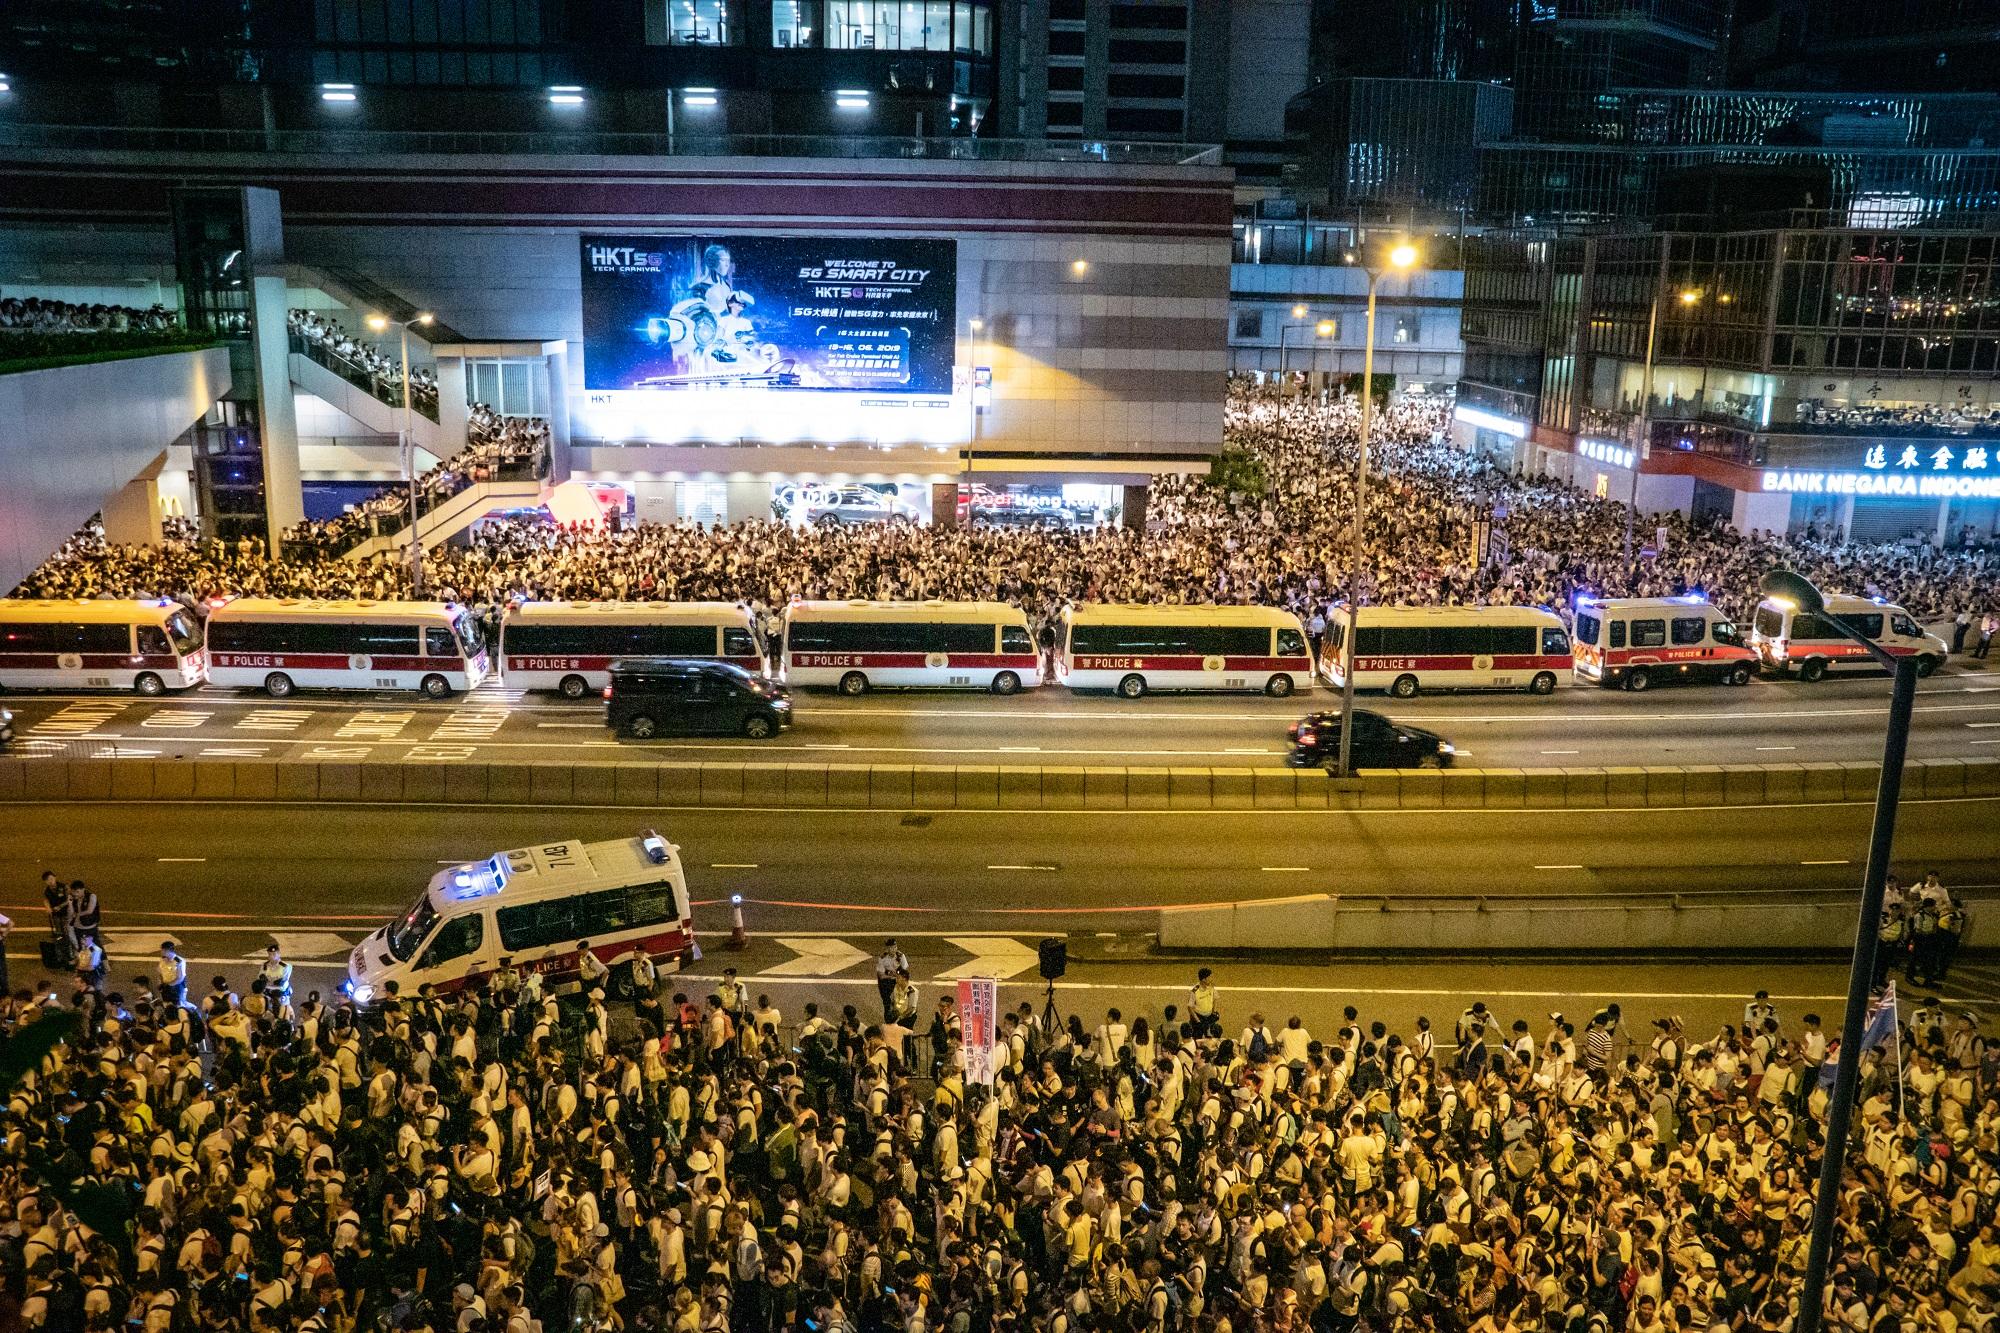 Twitter et Facebook déjouent une campagne de propagande chinoise pour discréditer Hong Kong